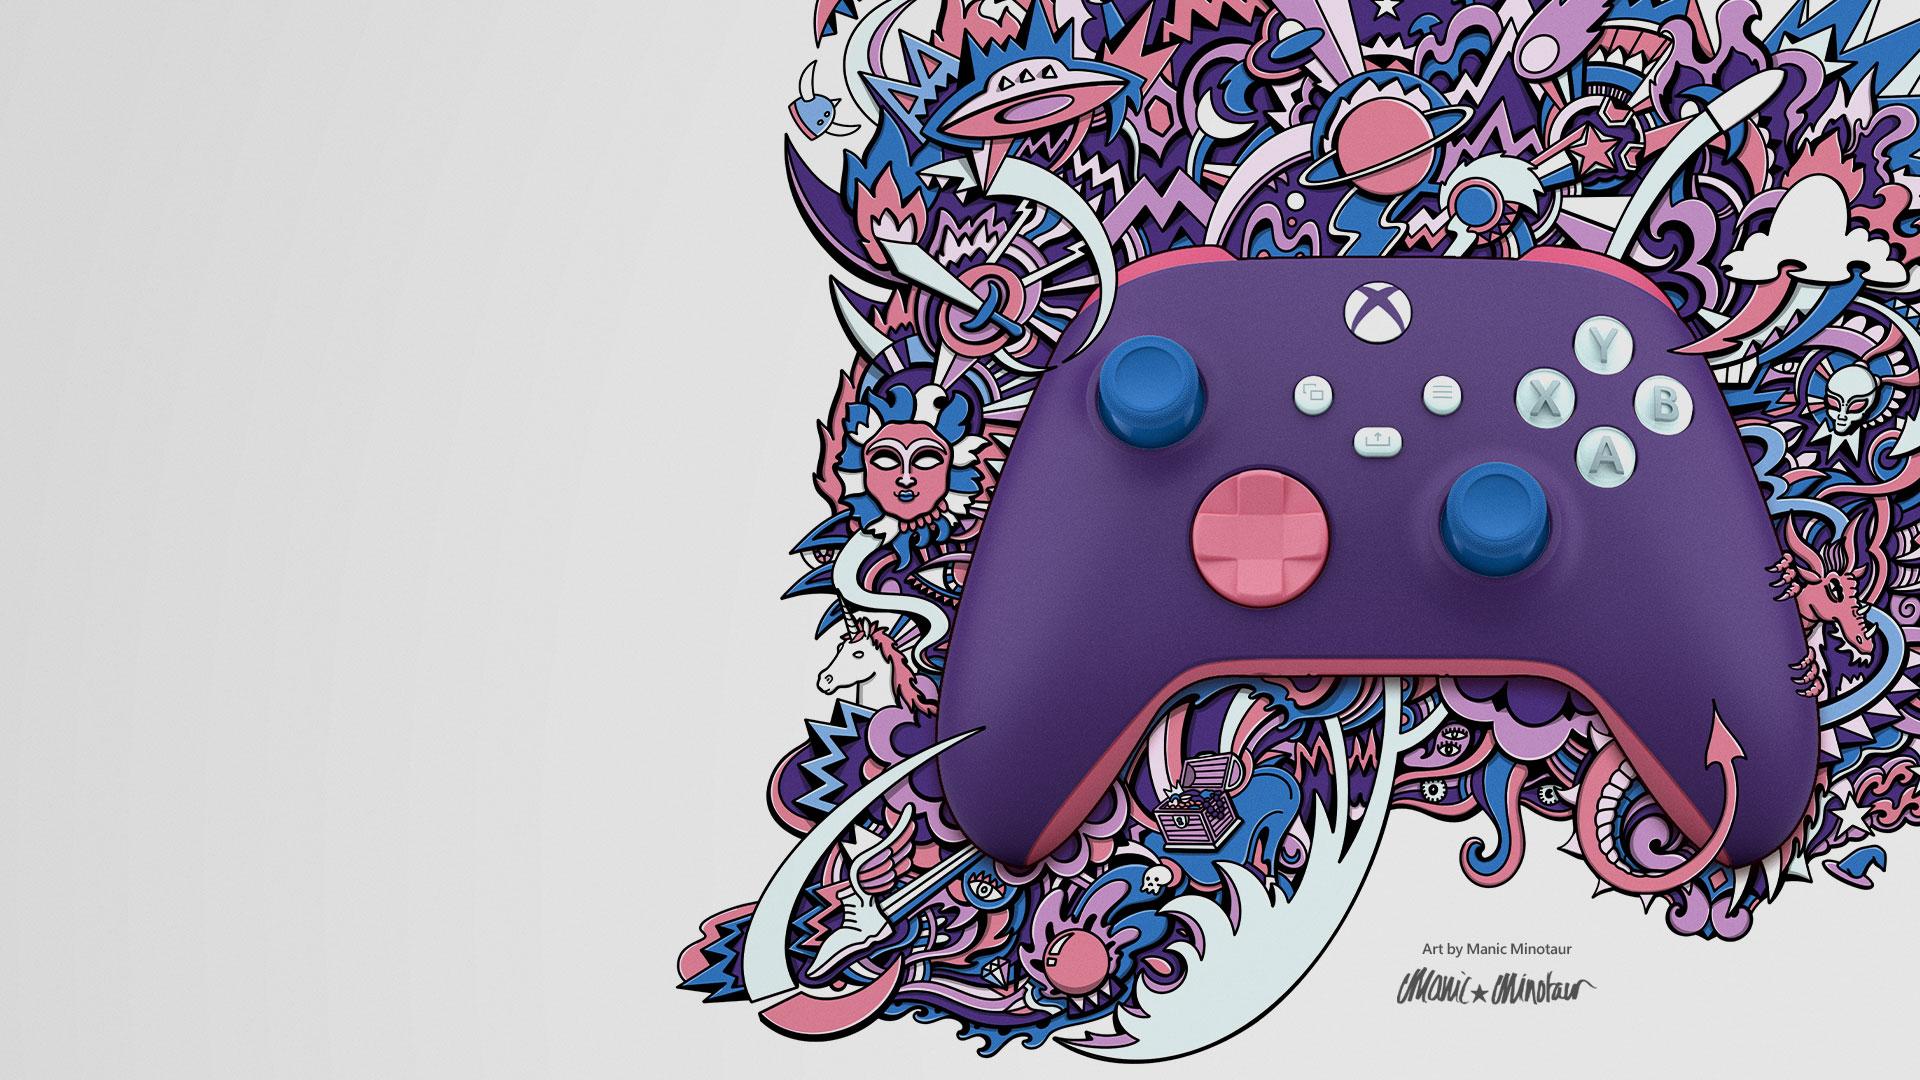 Un controller di Xbox Design Lab con motivi viola e rosa intrecciati con una grafica creata da Manic Minotaur